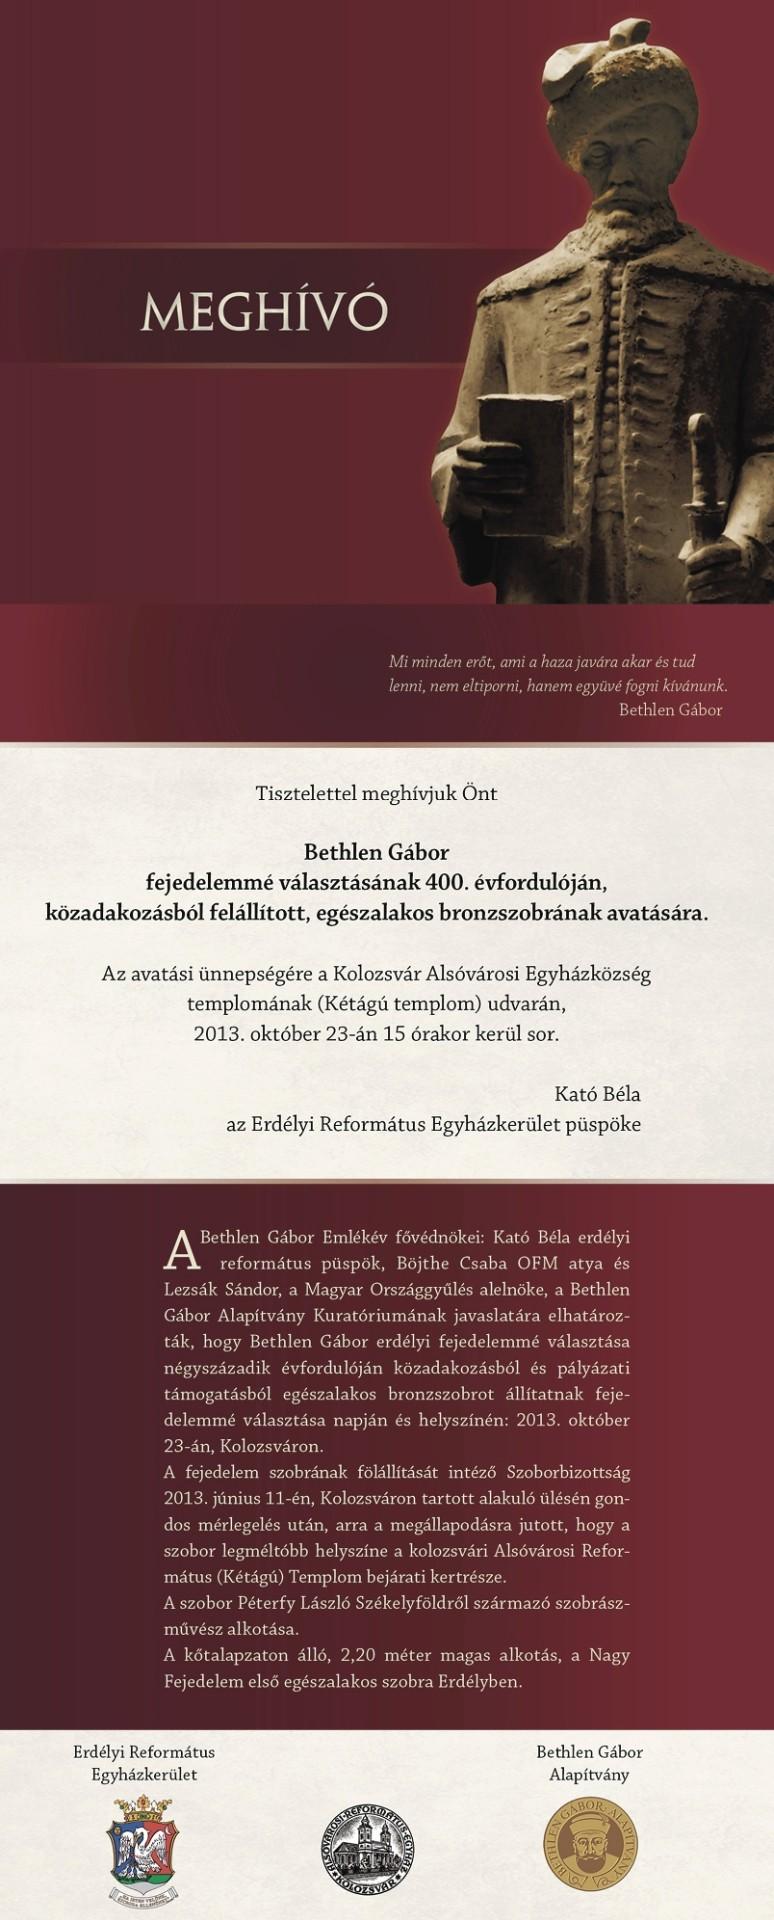 Meghívó Bethlen Gábor egészalakos bronzszobrának avatására